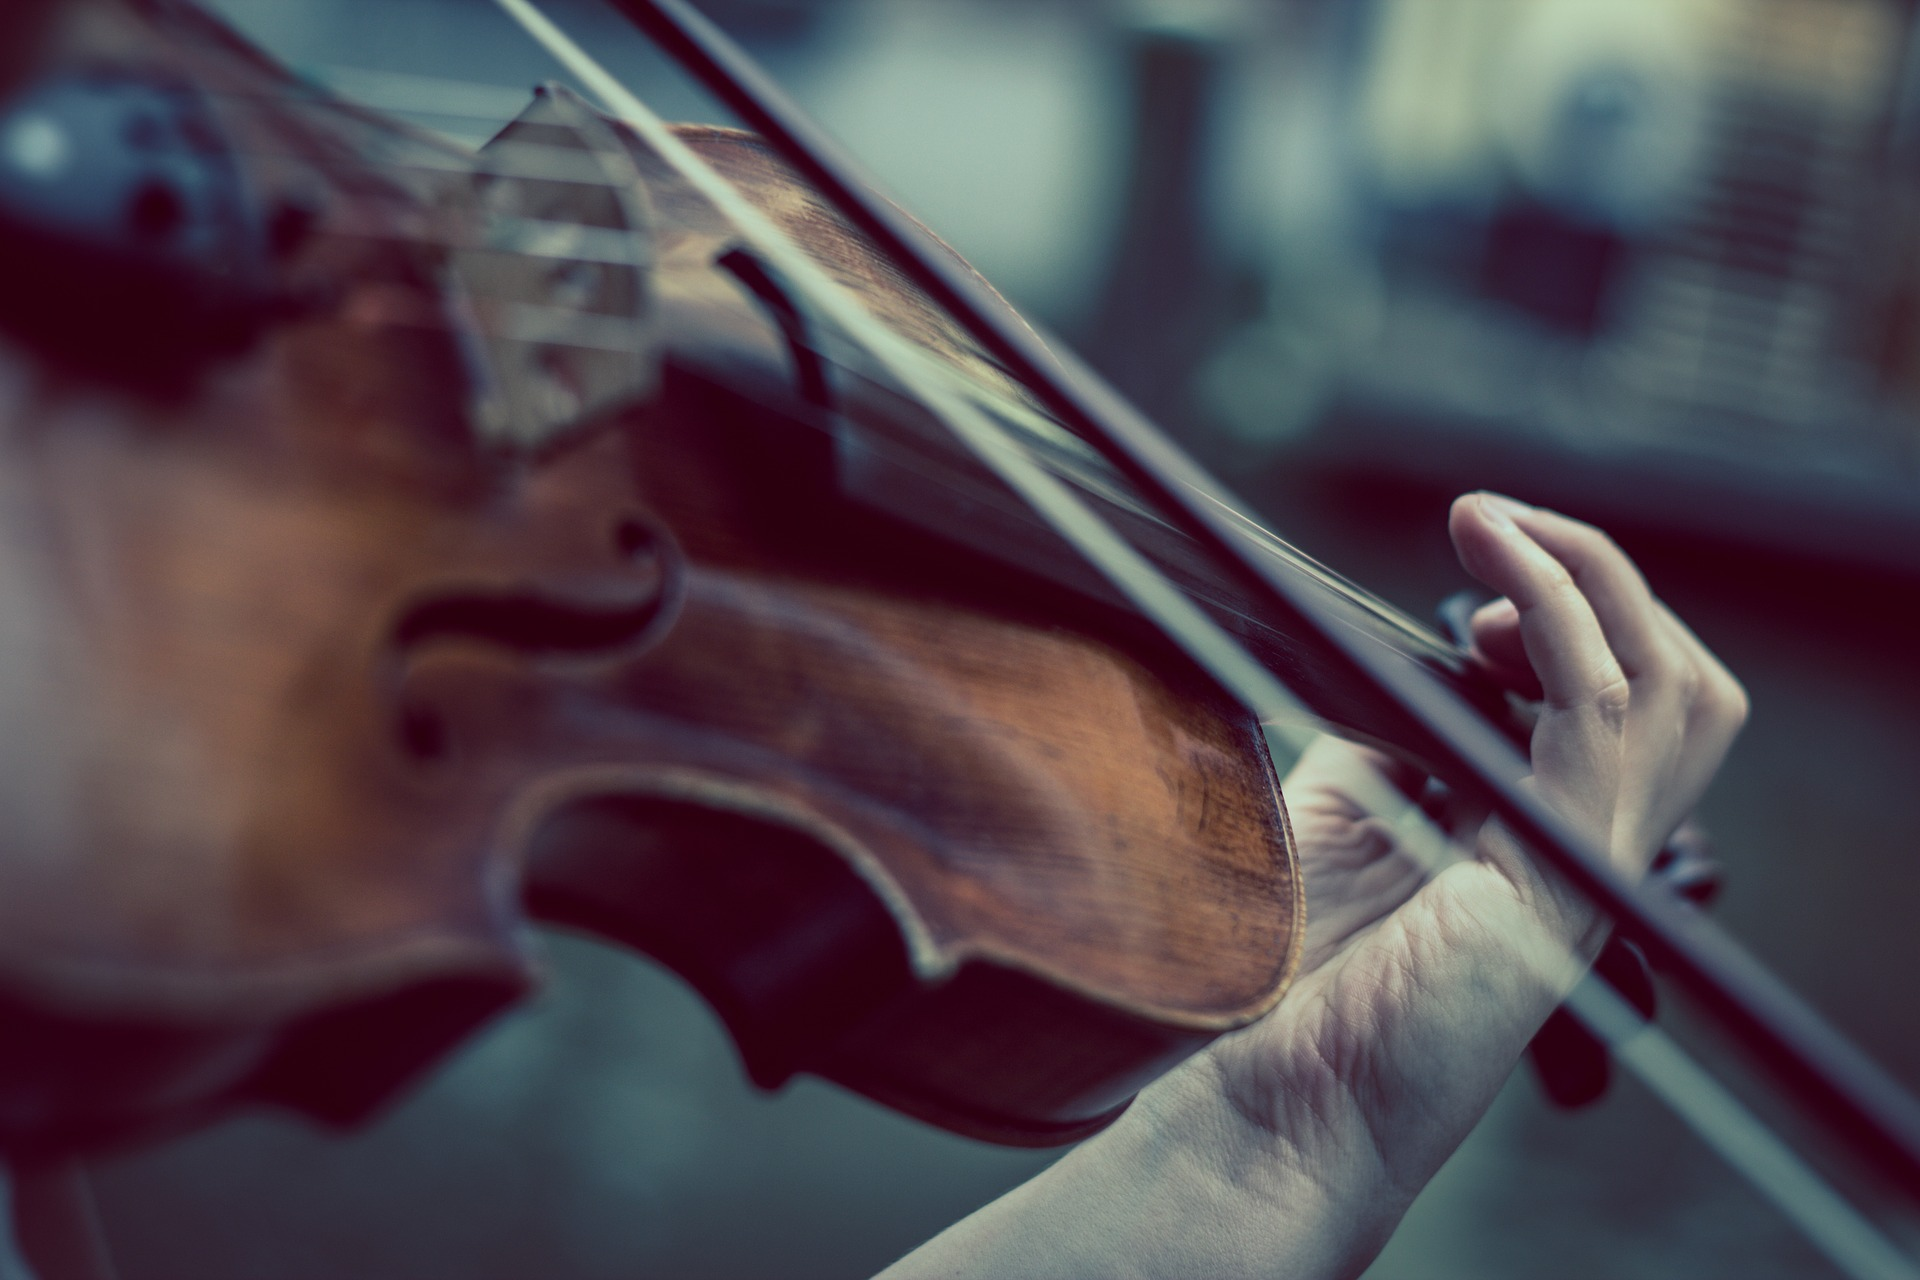 violin-374096_1920-1